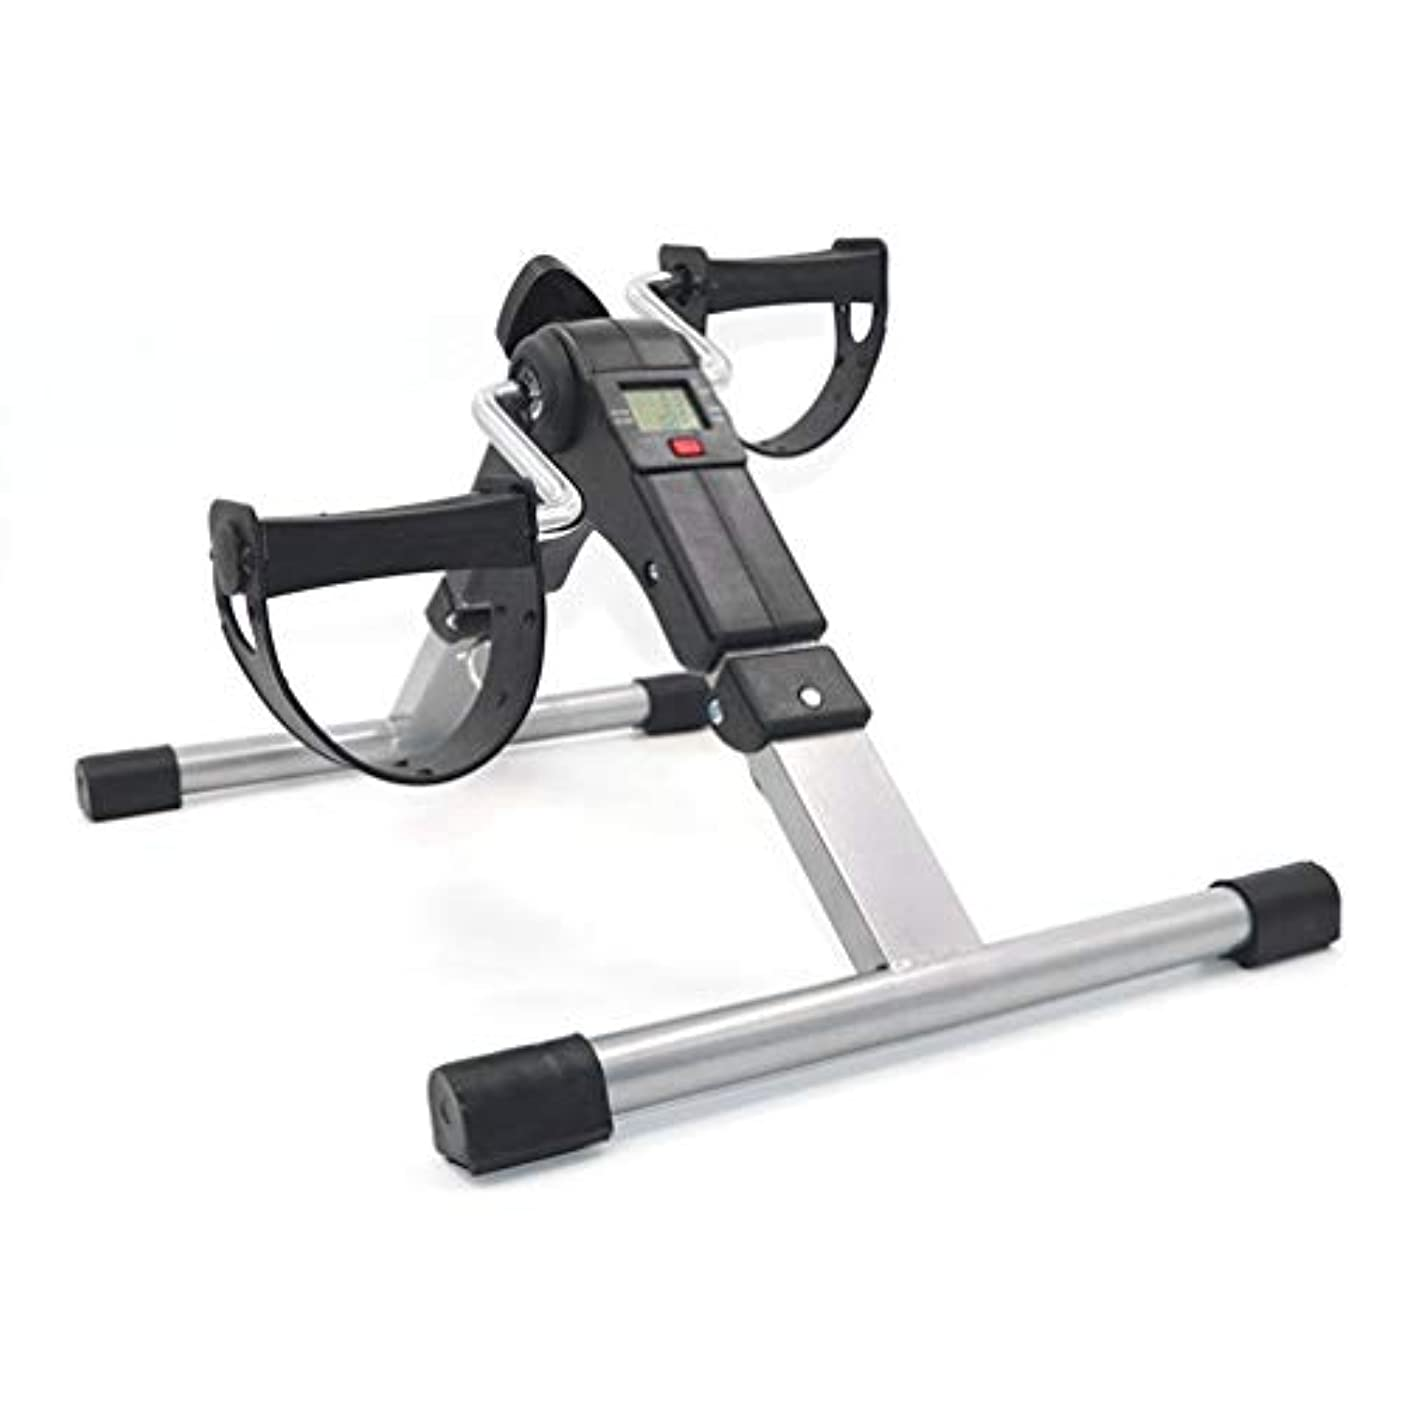 クライマックス潜在的なリーフレット実用的なトレーナー自転車脚エクササイザーストローク片麻痺リハビリテーションペダル-Rustle666